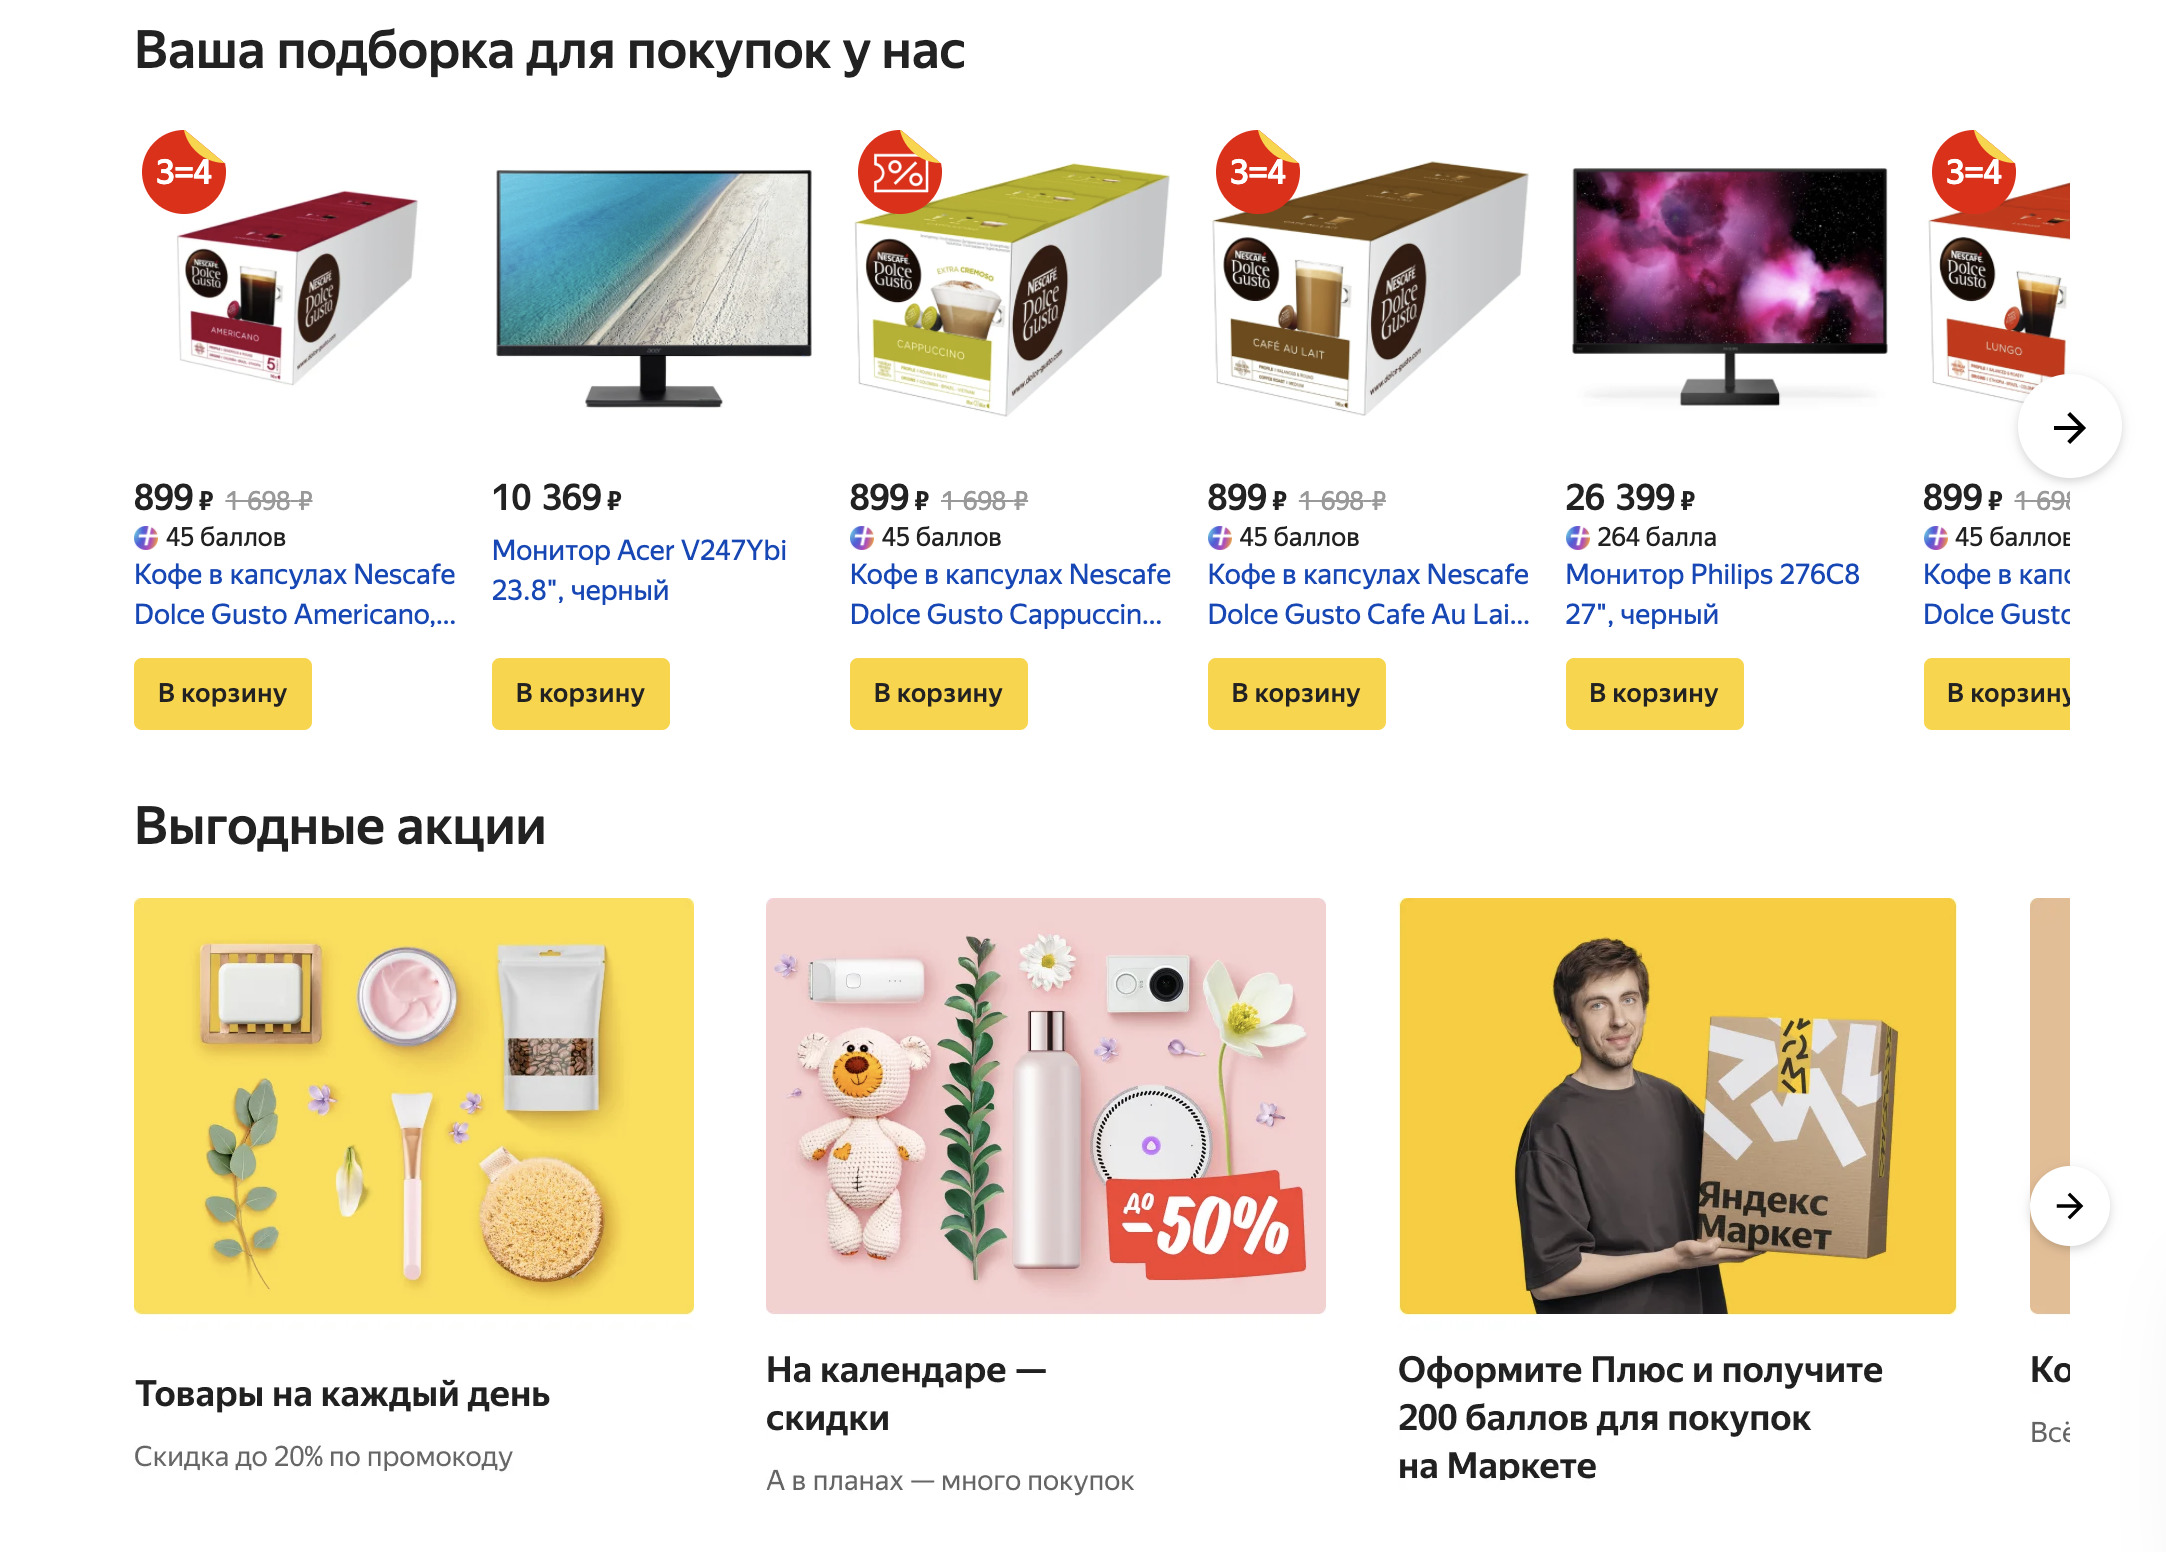 Доставка из Яндекс.Маркет в Балахна, сроки, пункты выдачи, каталог